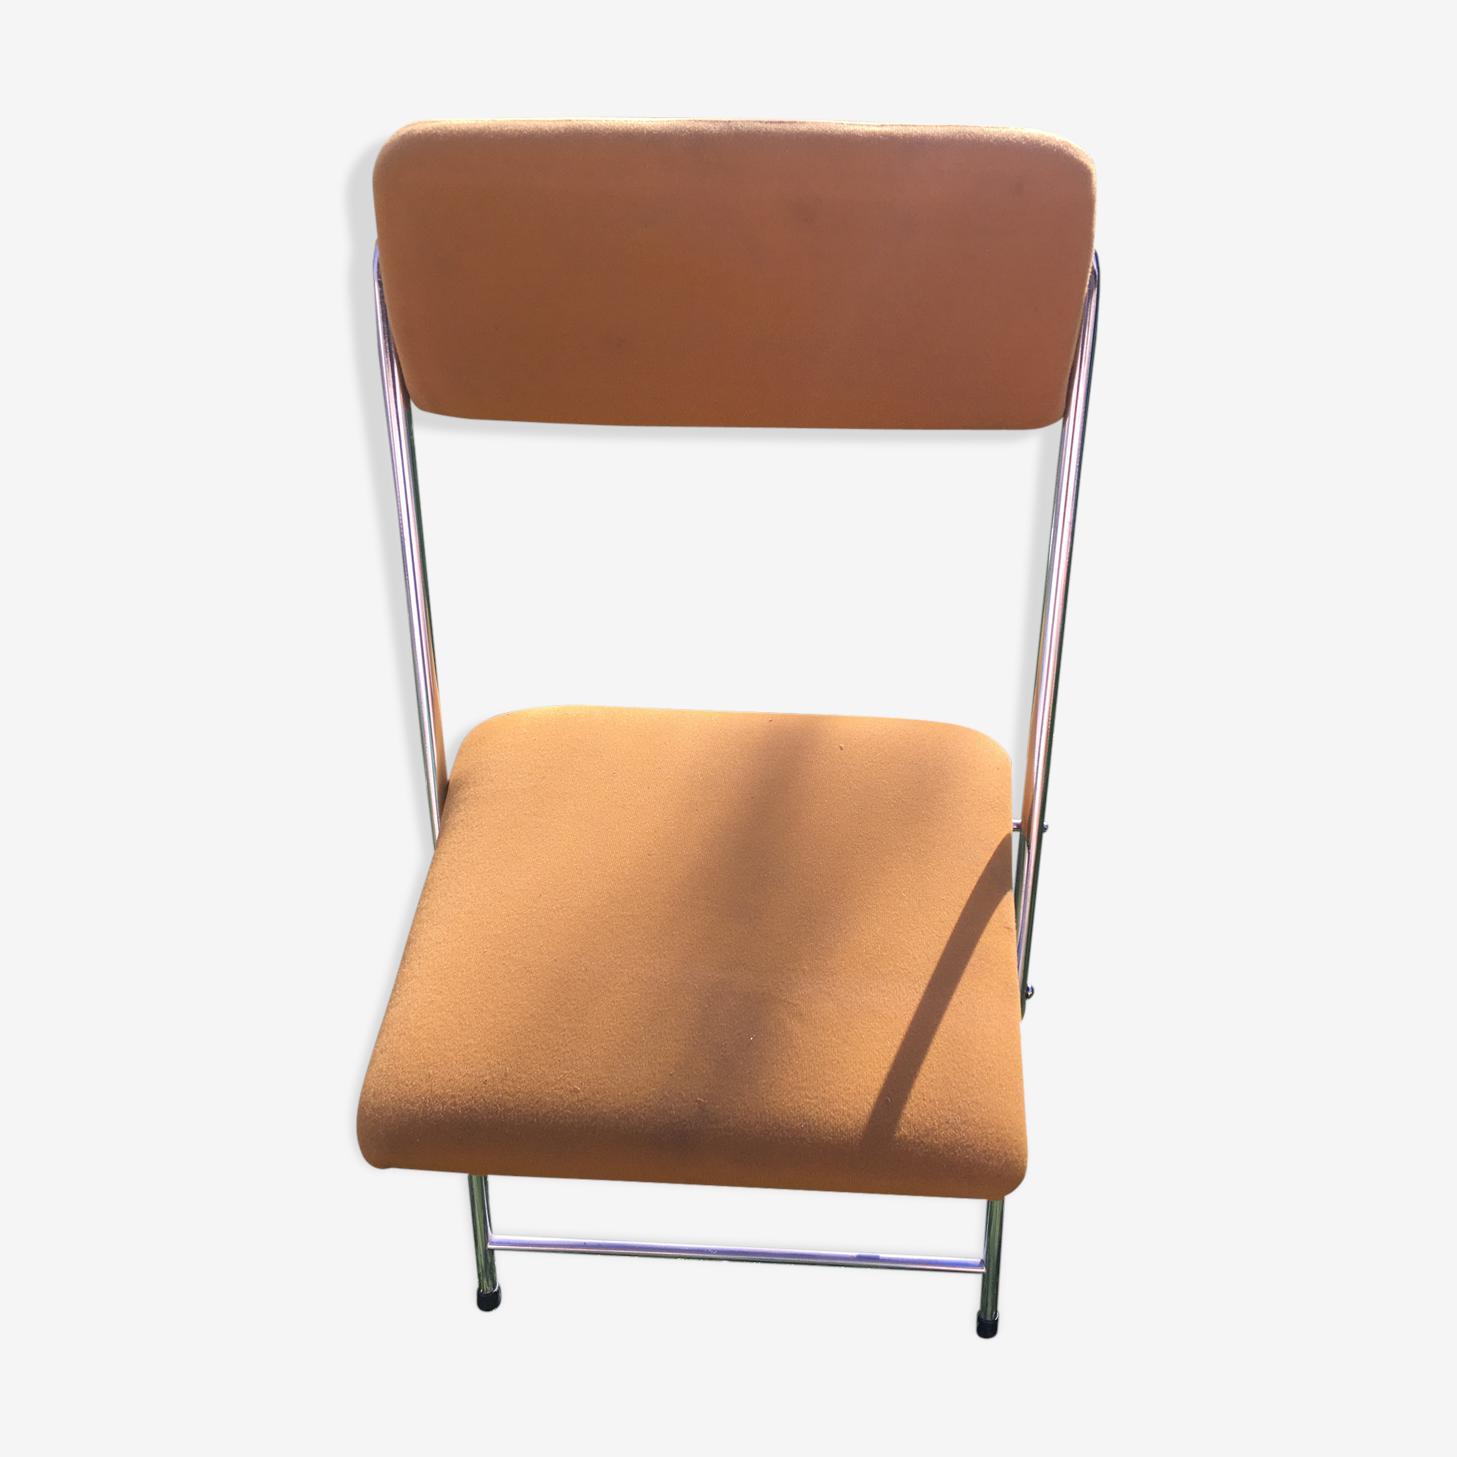 Chaise pliante année 70